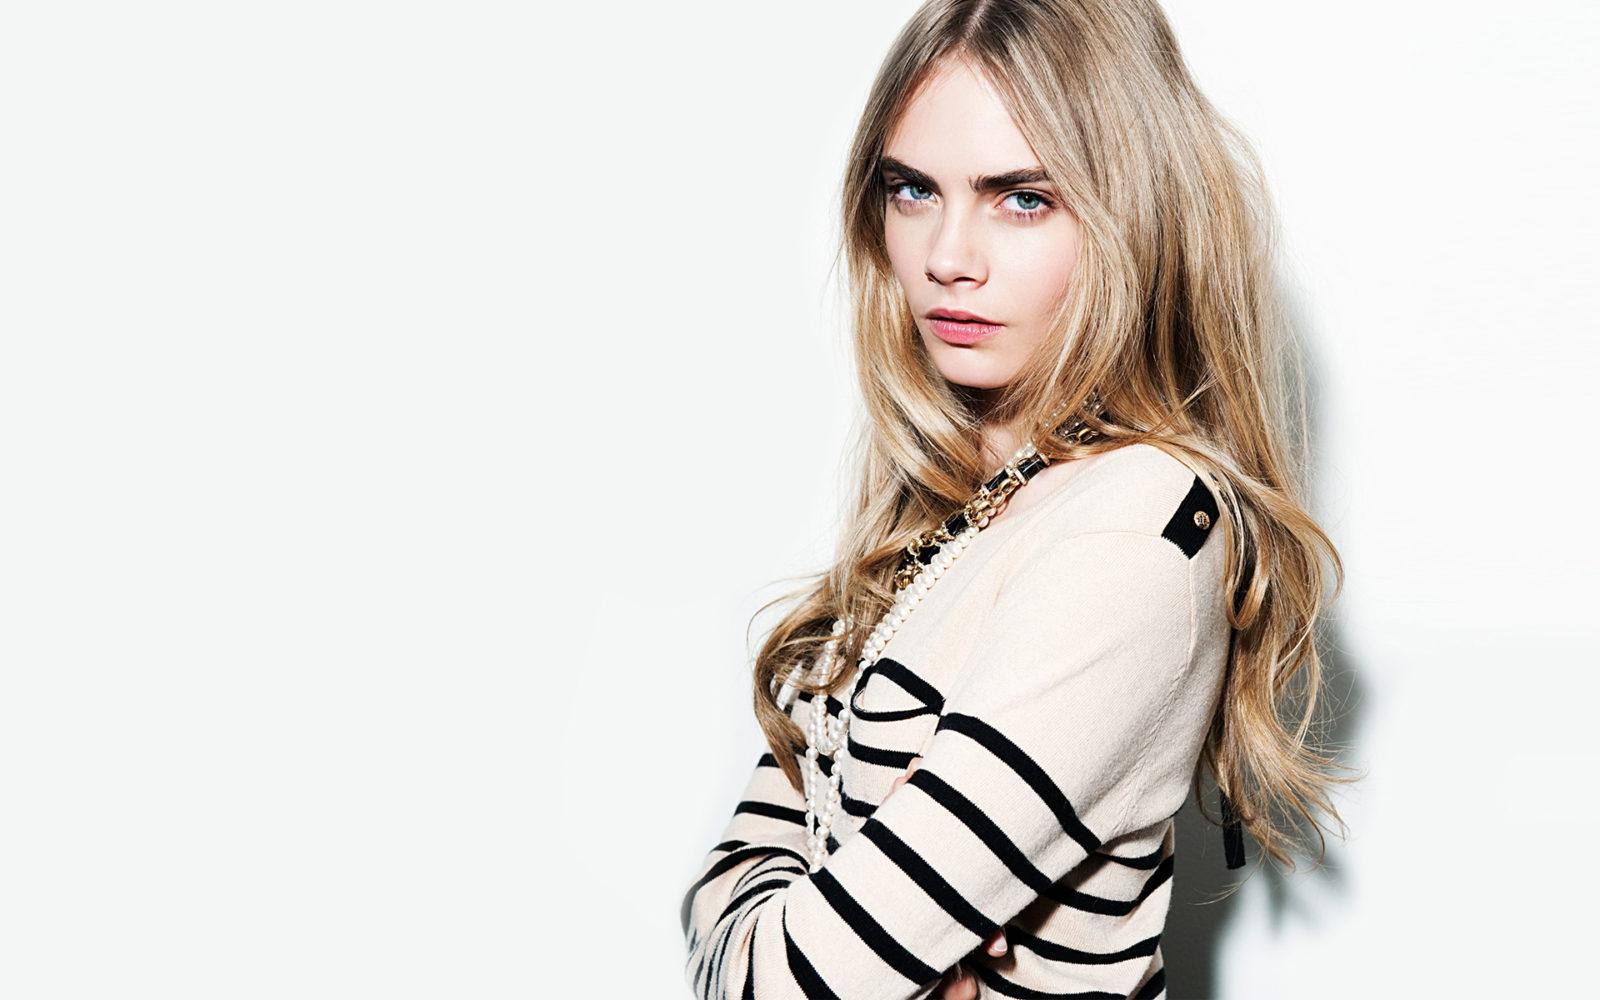 Kolorowa fotografia portretowa. Półprofilem stoi blondynka z długimi włosami. Ubrana jest w biały sweter w drobne czarne paski. Ma bardzo delikatny makijaż i zaakcentowane brwi.